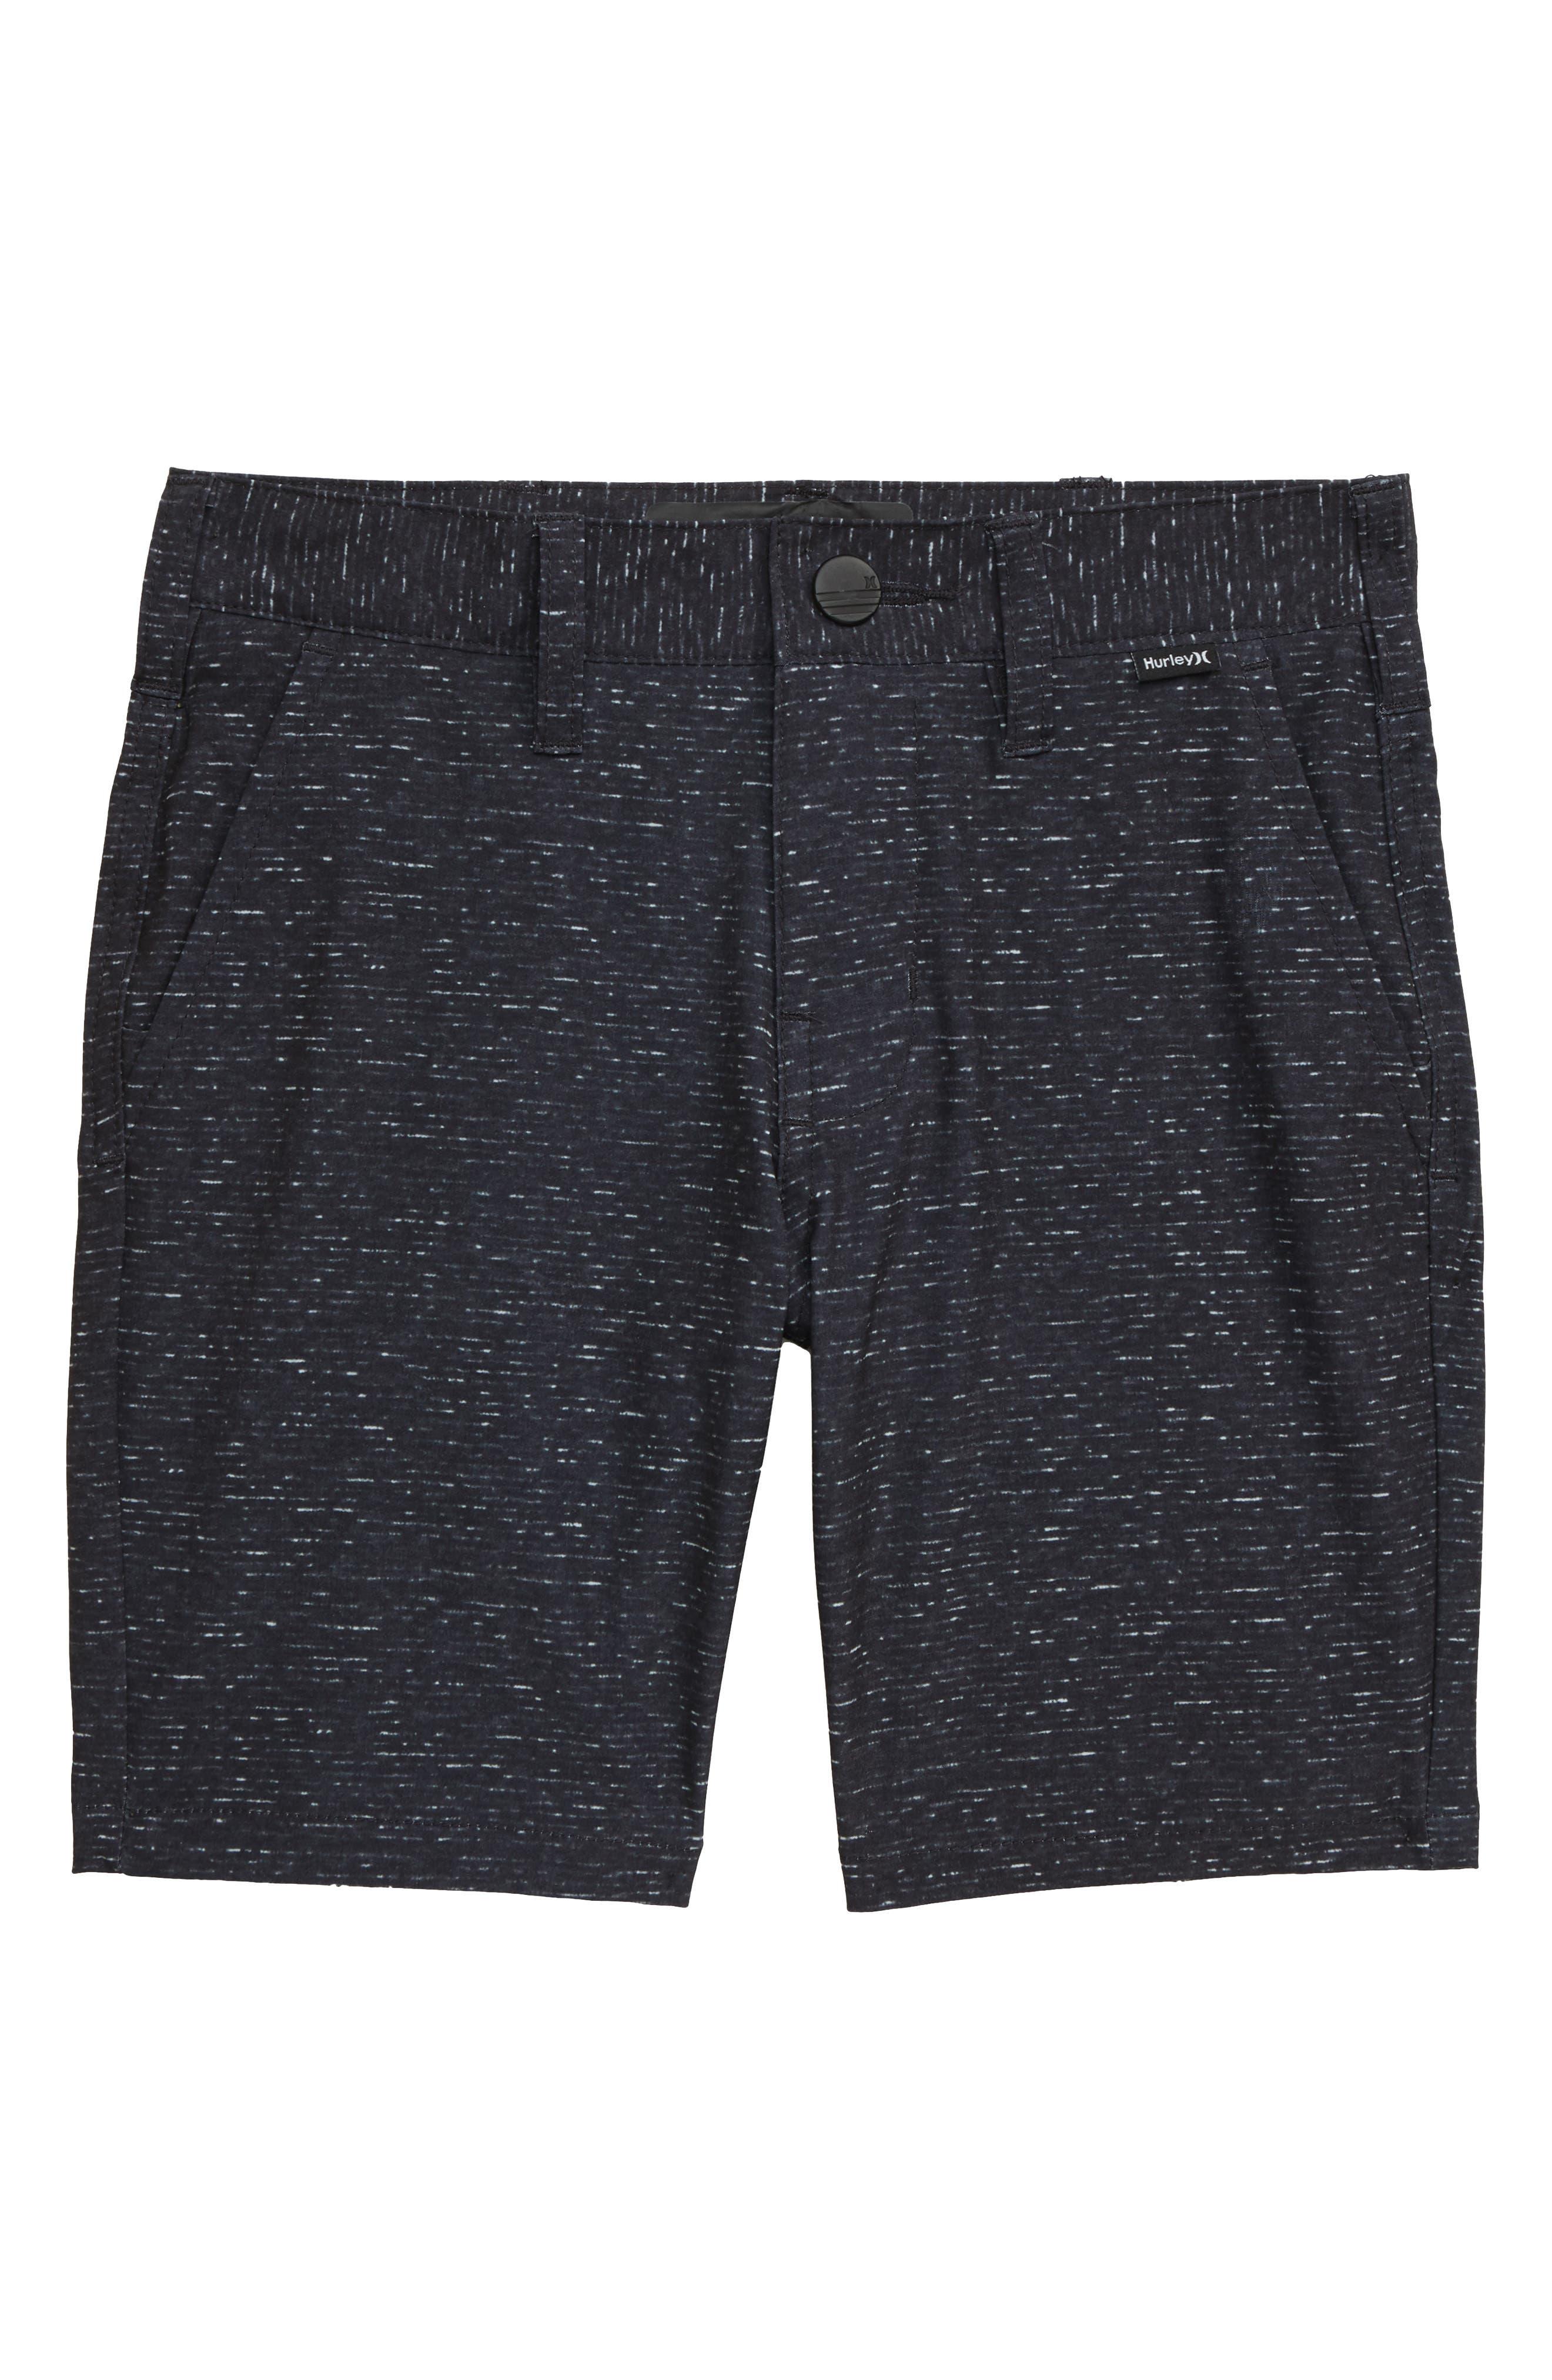 Boys Hurley Stretch Walk Shorts Size 5  Grey